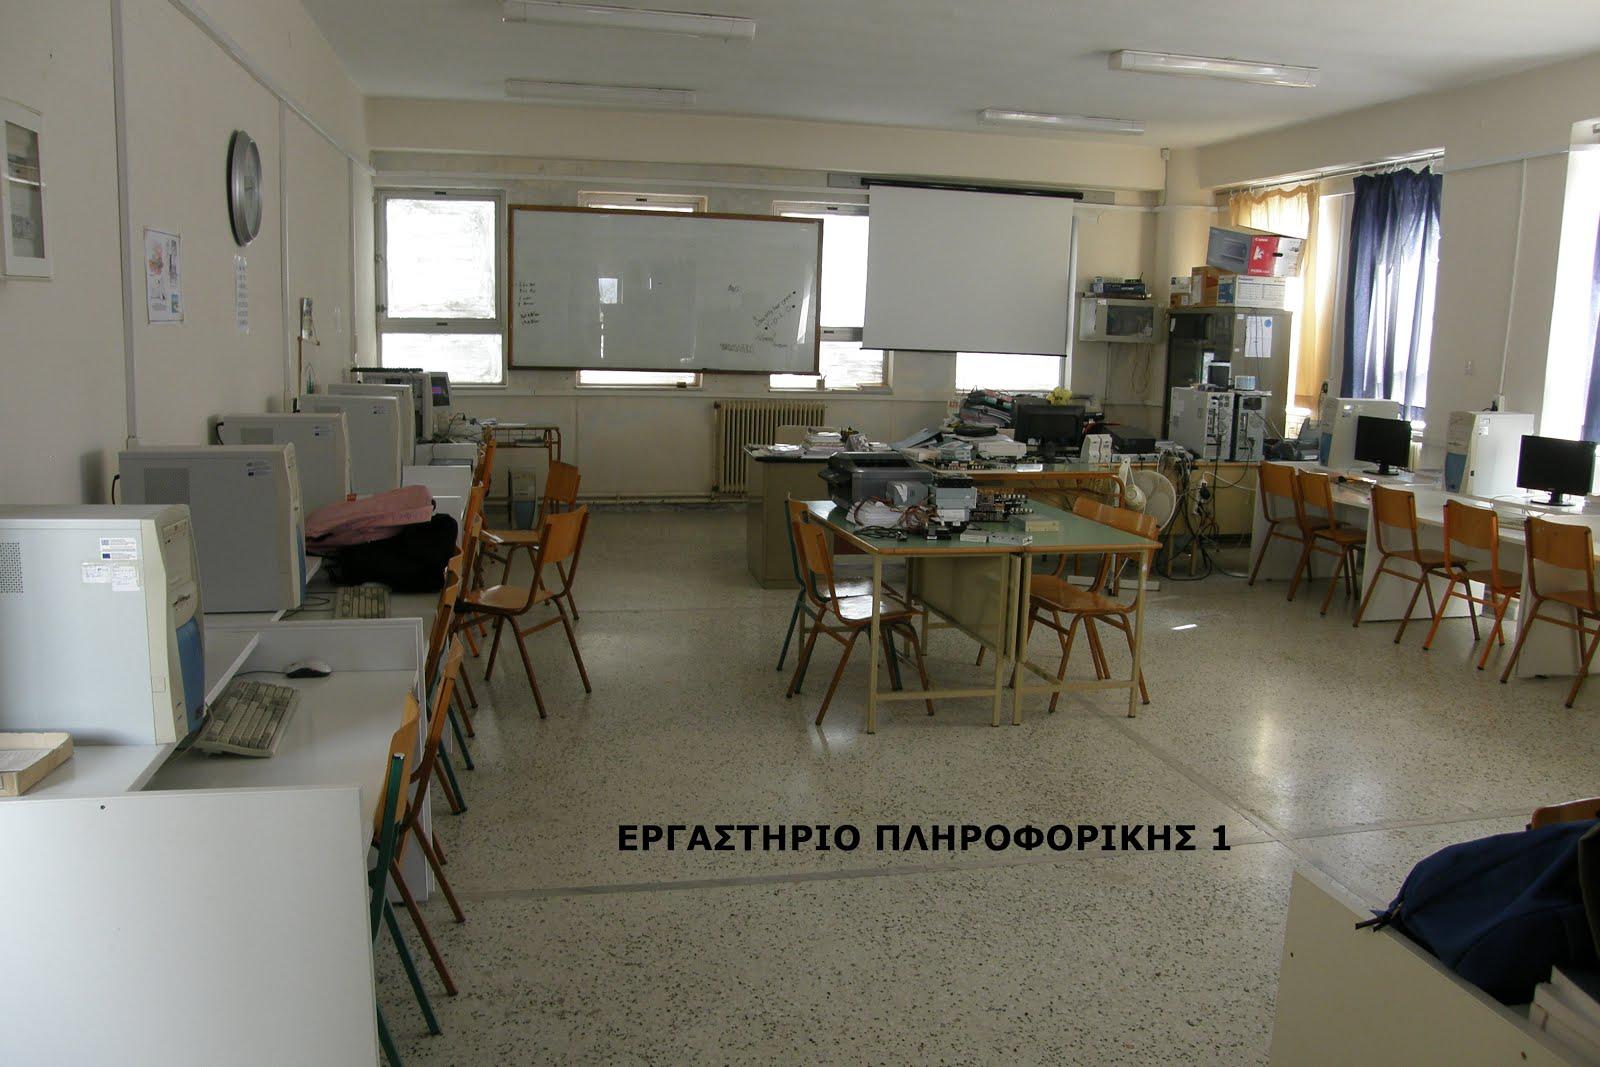 ΤΕΧΝΙΚΟΣ ΕΦΑΡΜΟΓΩΝ ΠΛΗΡΟΦΟΡΙΚΗΣ (2)